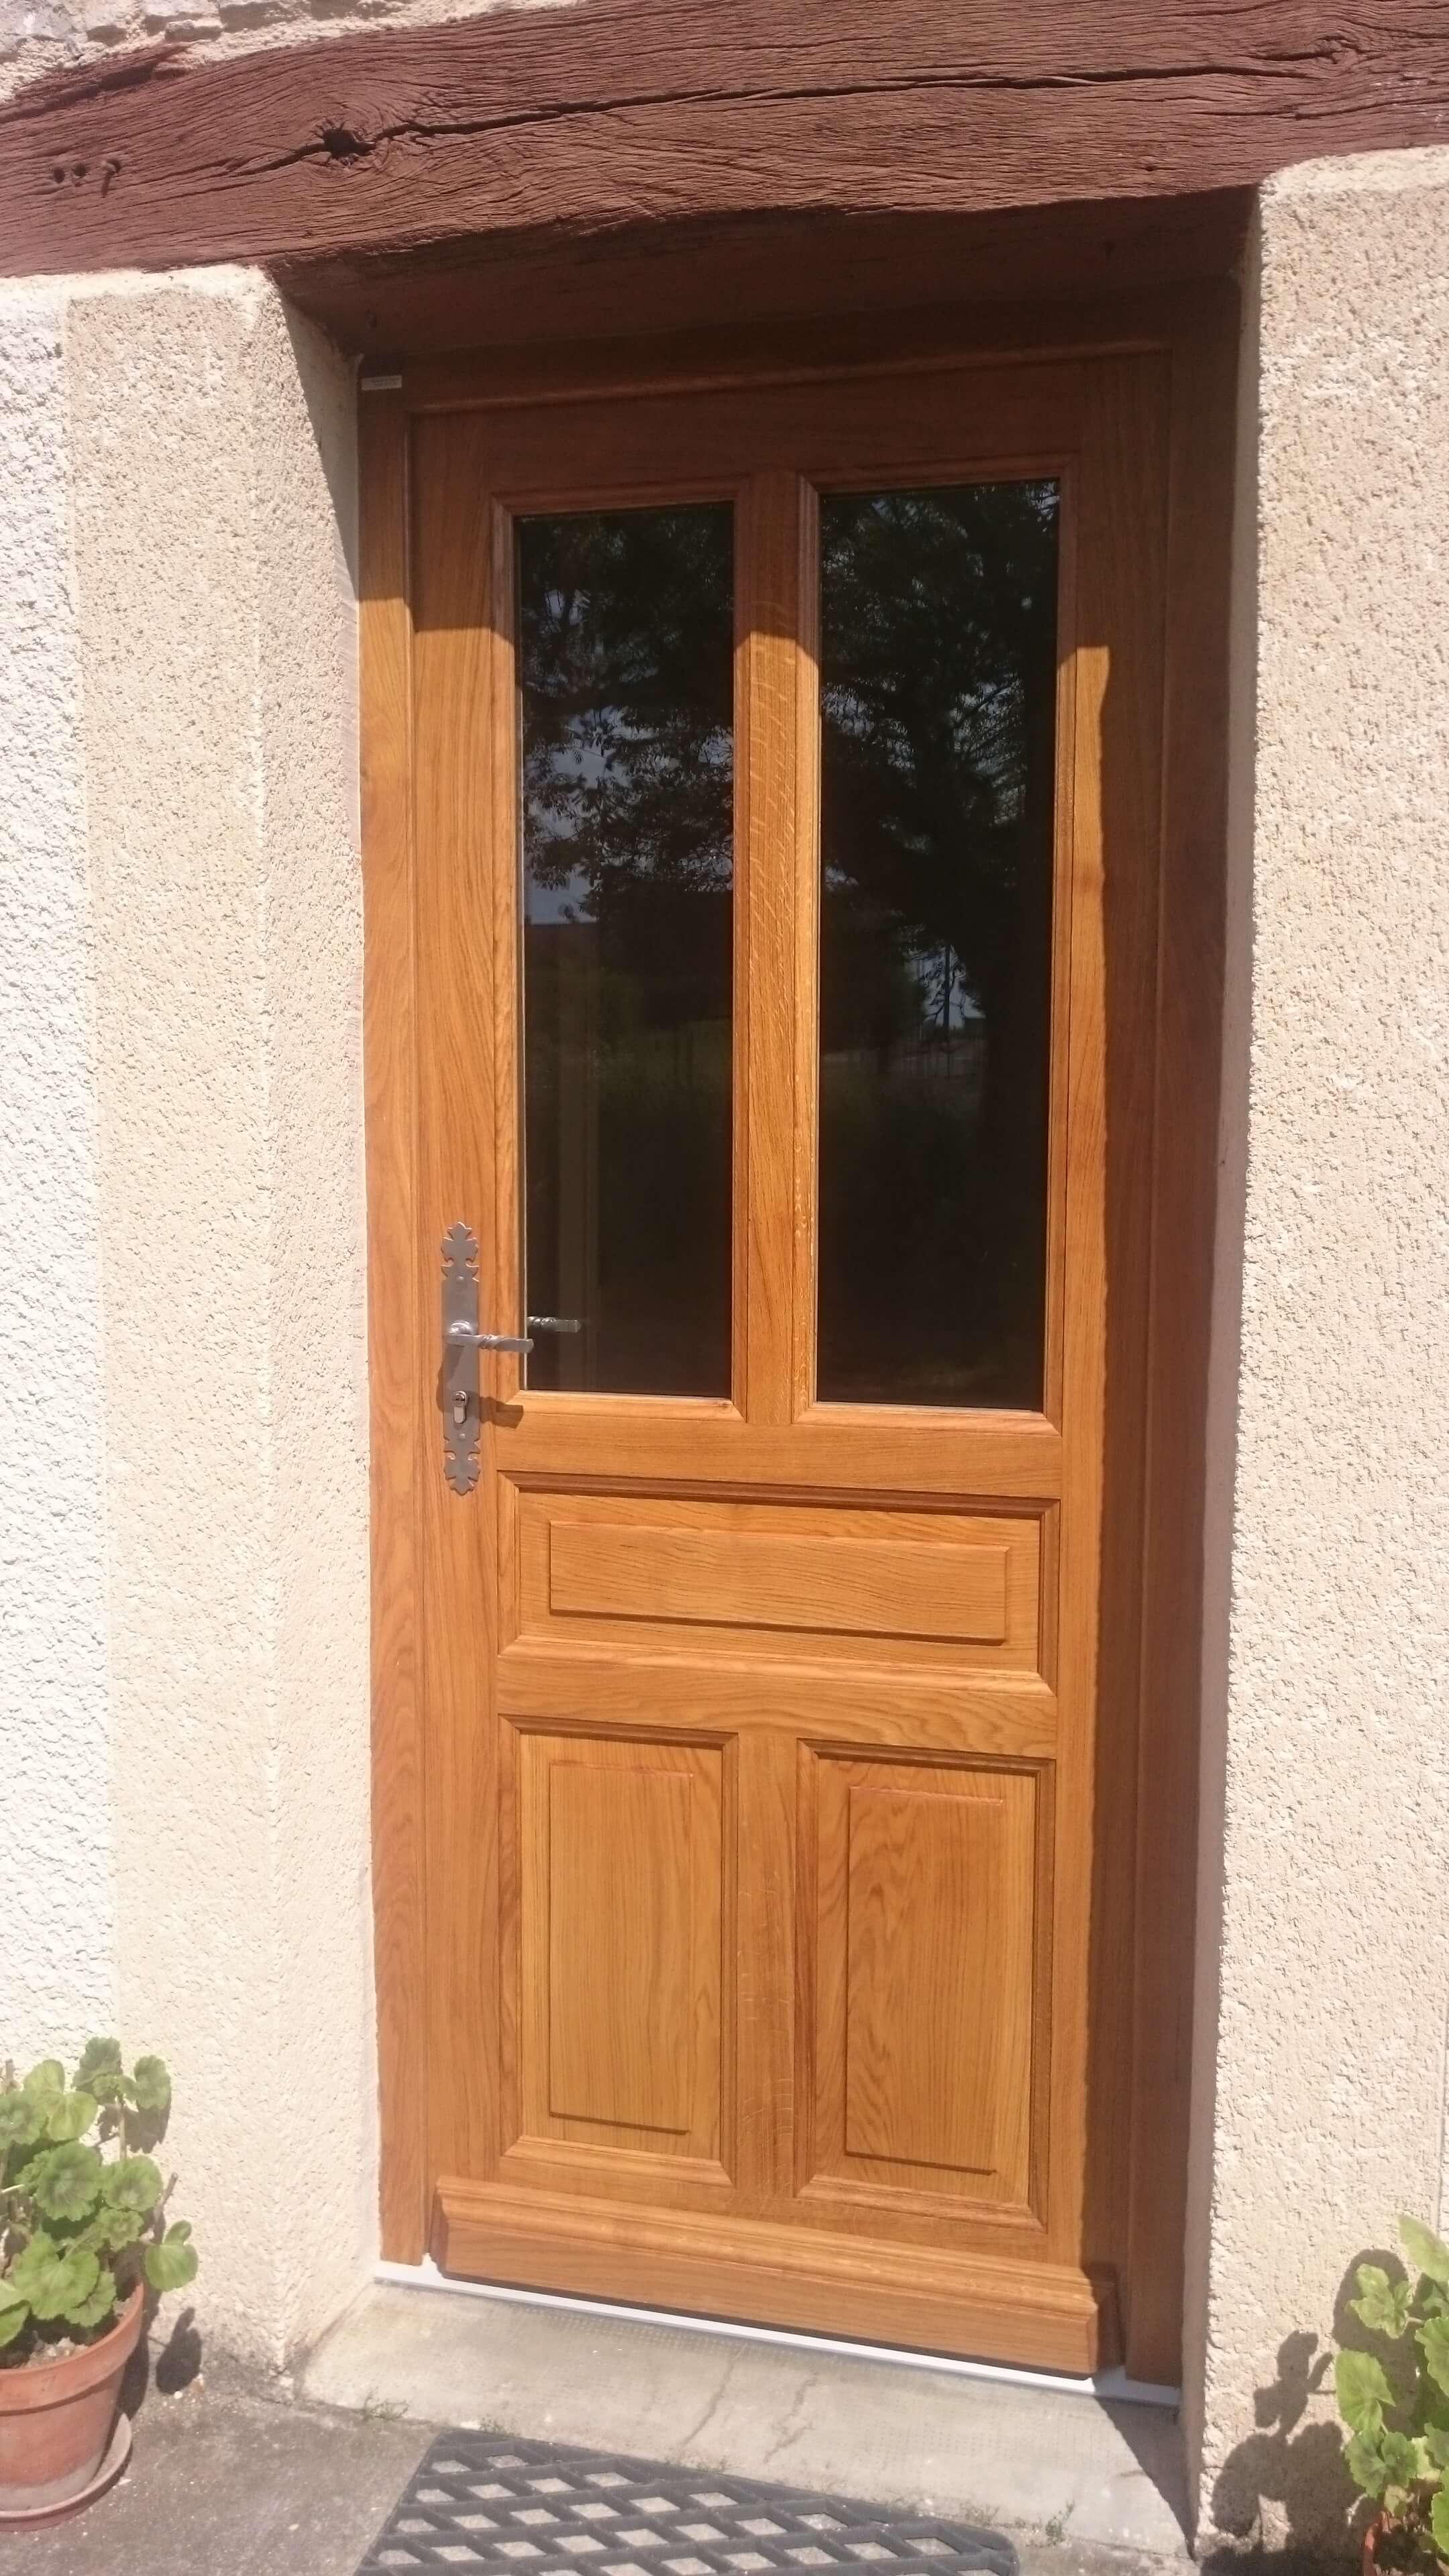 Menuiserie Figard - Fabrication sur mesure - Porte d'entrée - Chêne - Vesoul